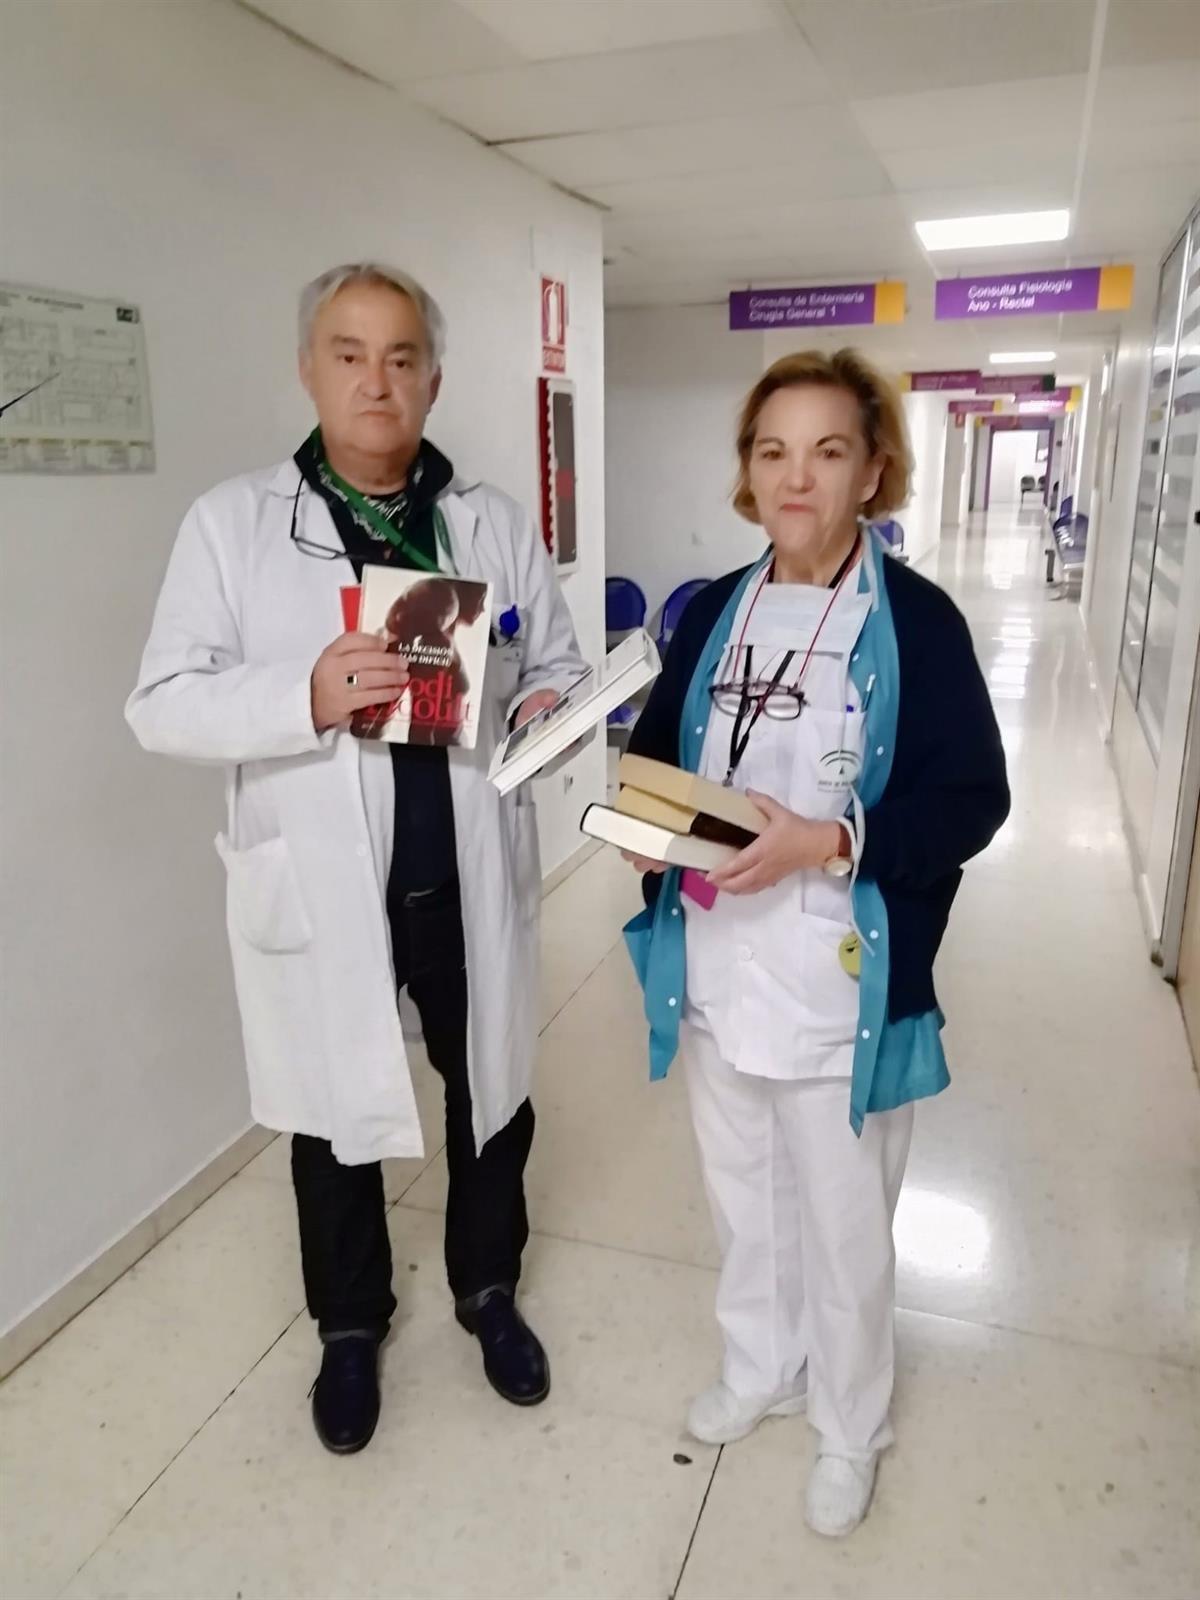 Regalan libros a hospitalizados para que su estancia sea más llevadera tras la restricción de visitas